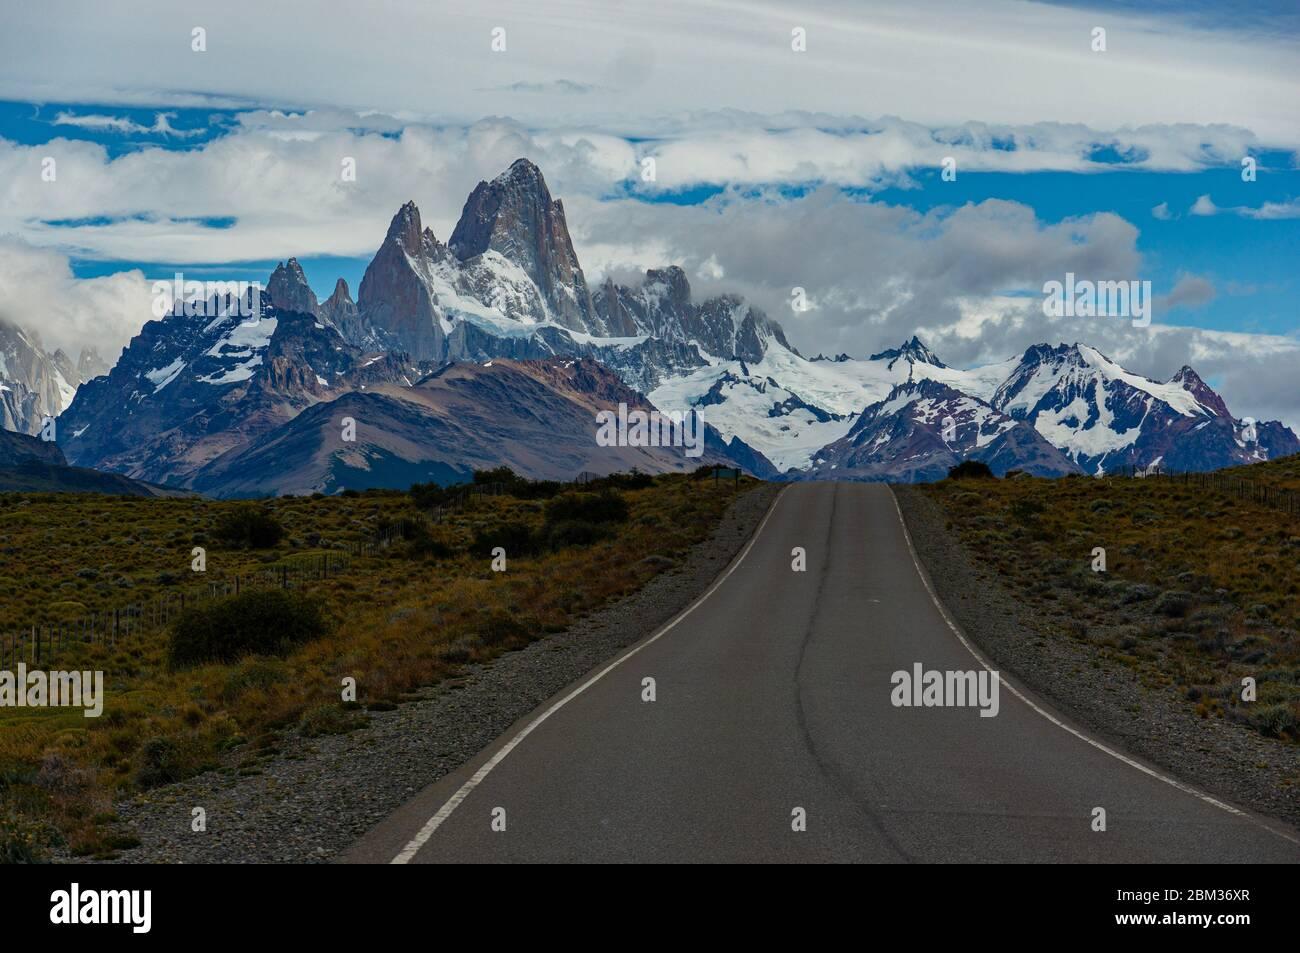 Camino a el Chalten y Fitz Roy en Patagonia Argentina excursión por carretera a las montañas nevadas Foto de stock